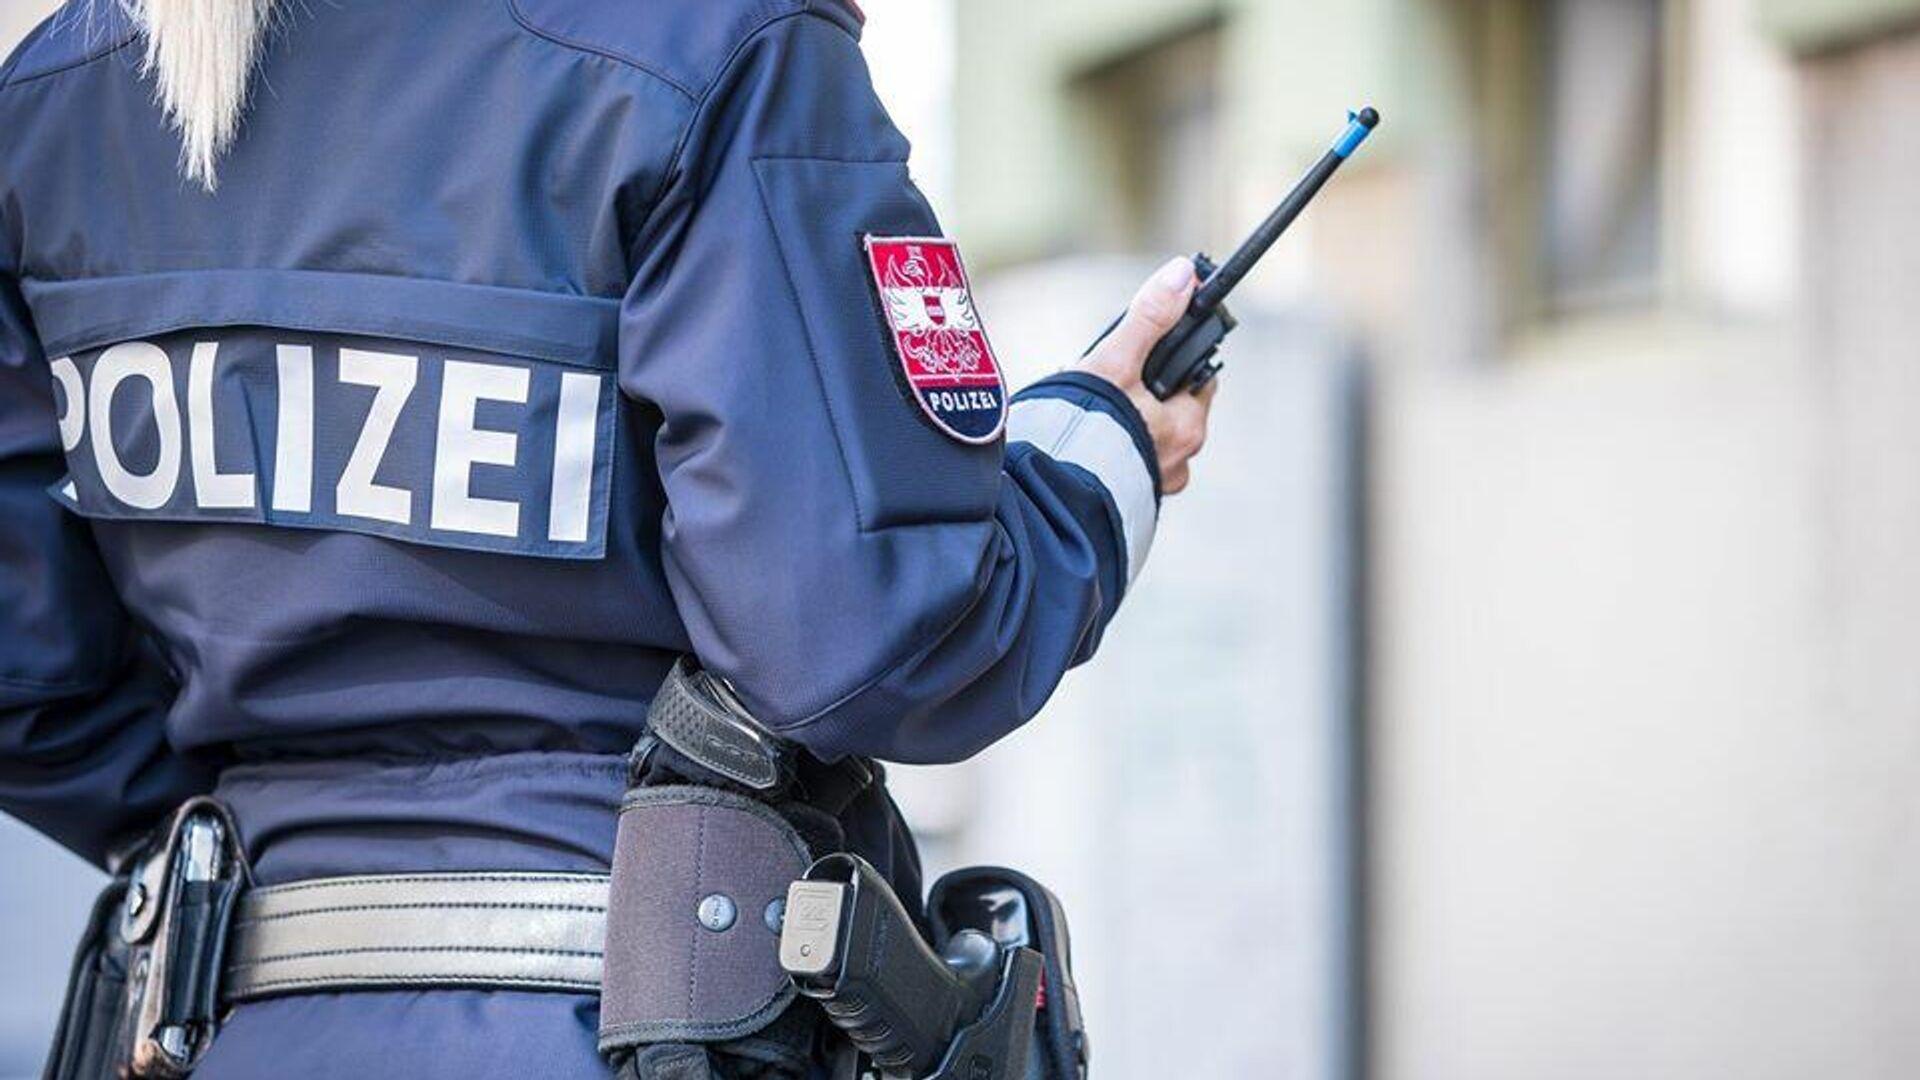 Сотрудник полиции в Австрии - РИА Новости, 1920, 31.10.2020